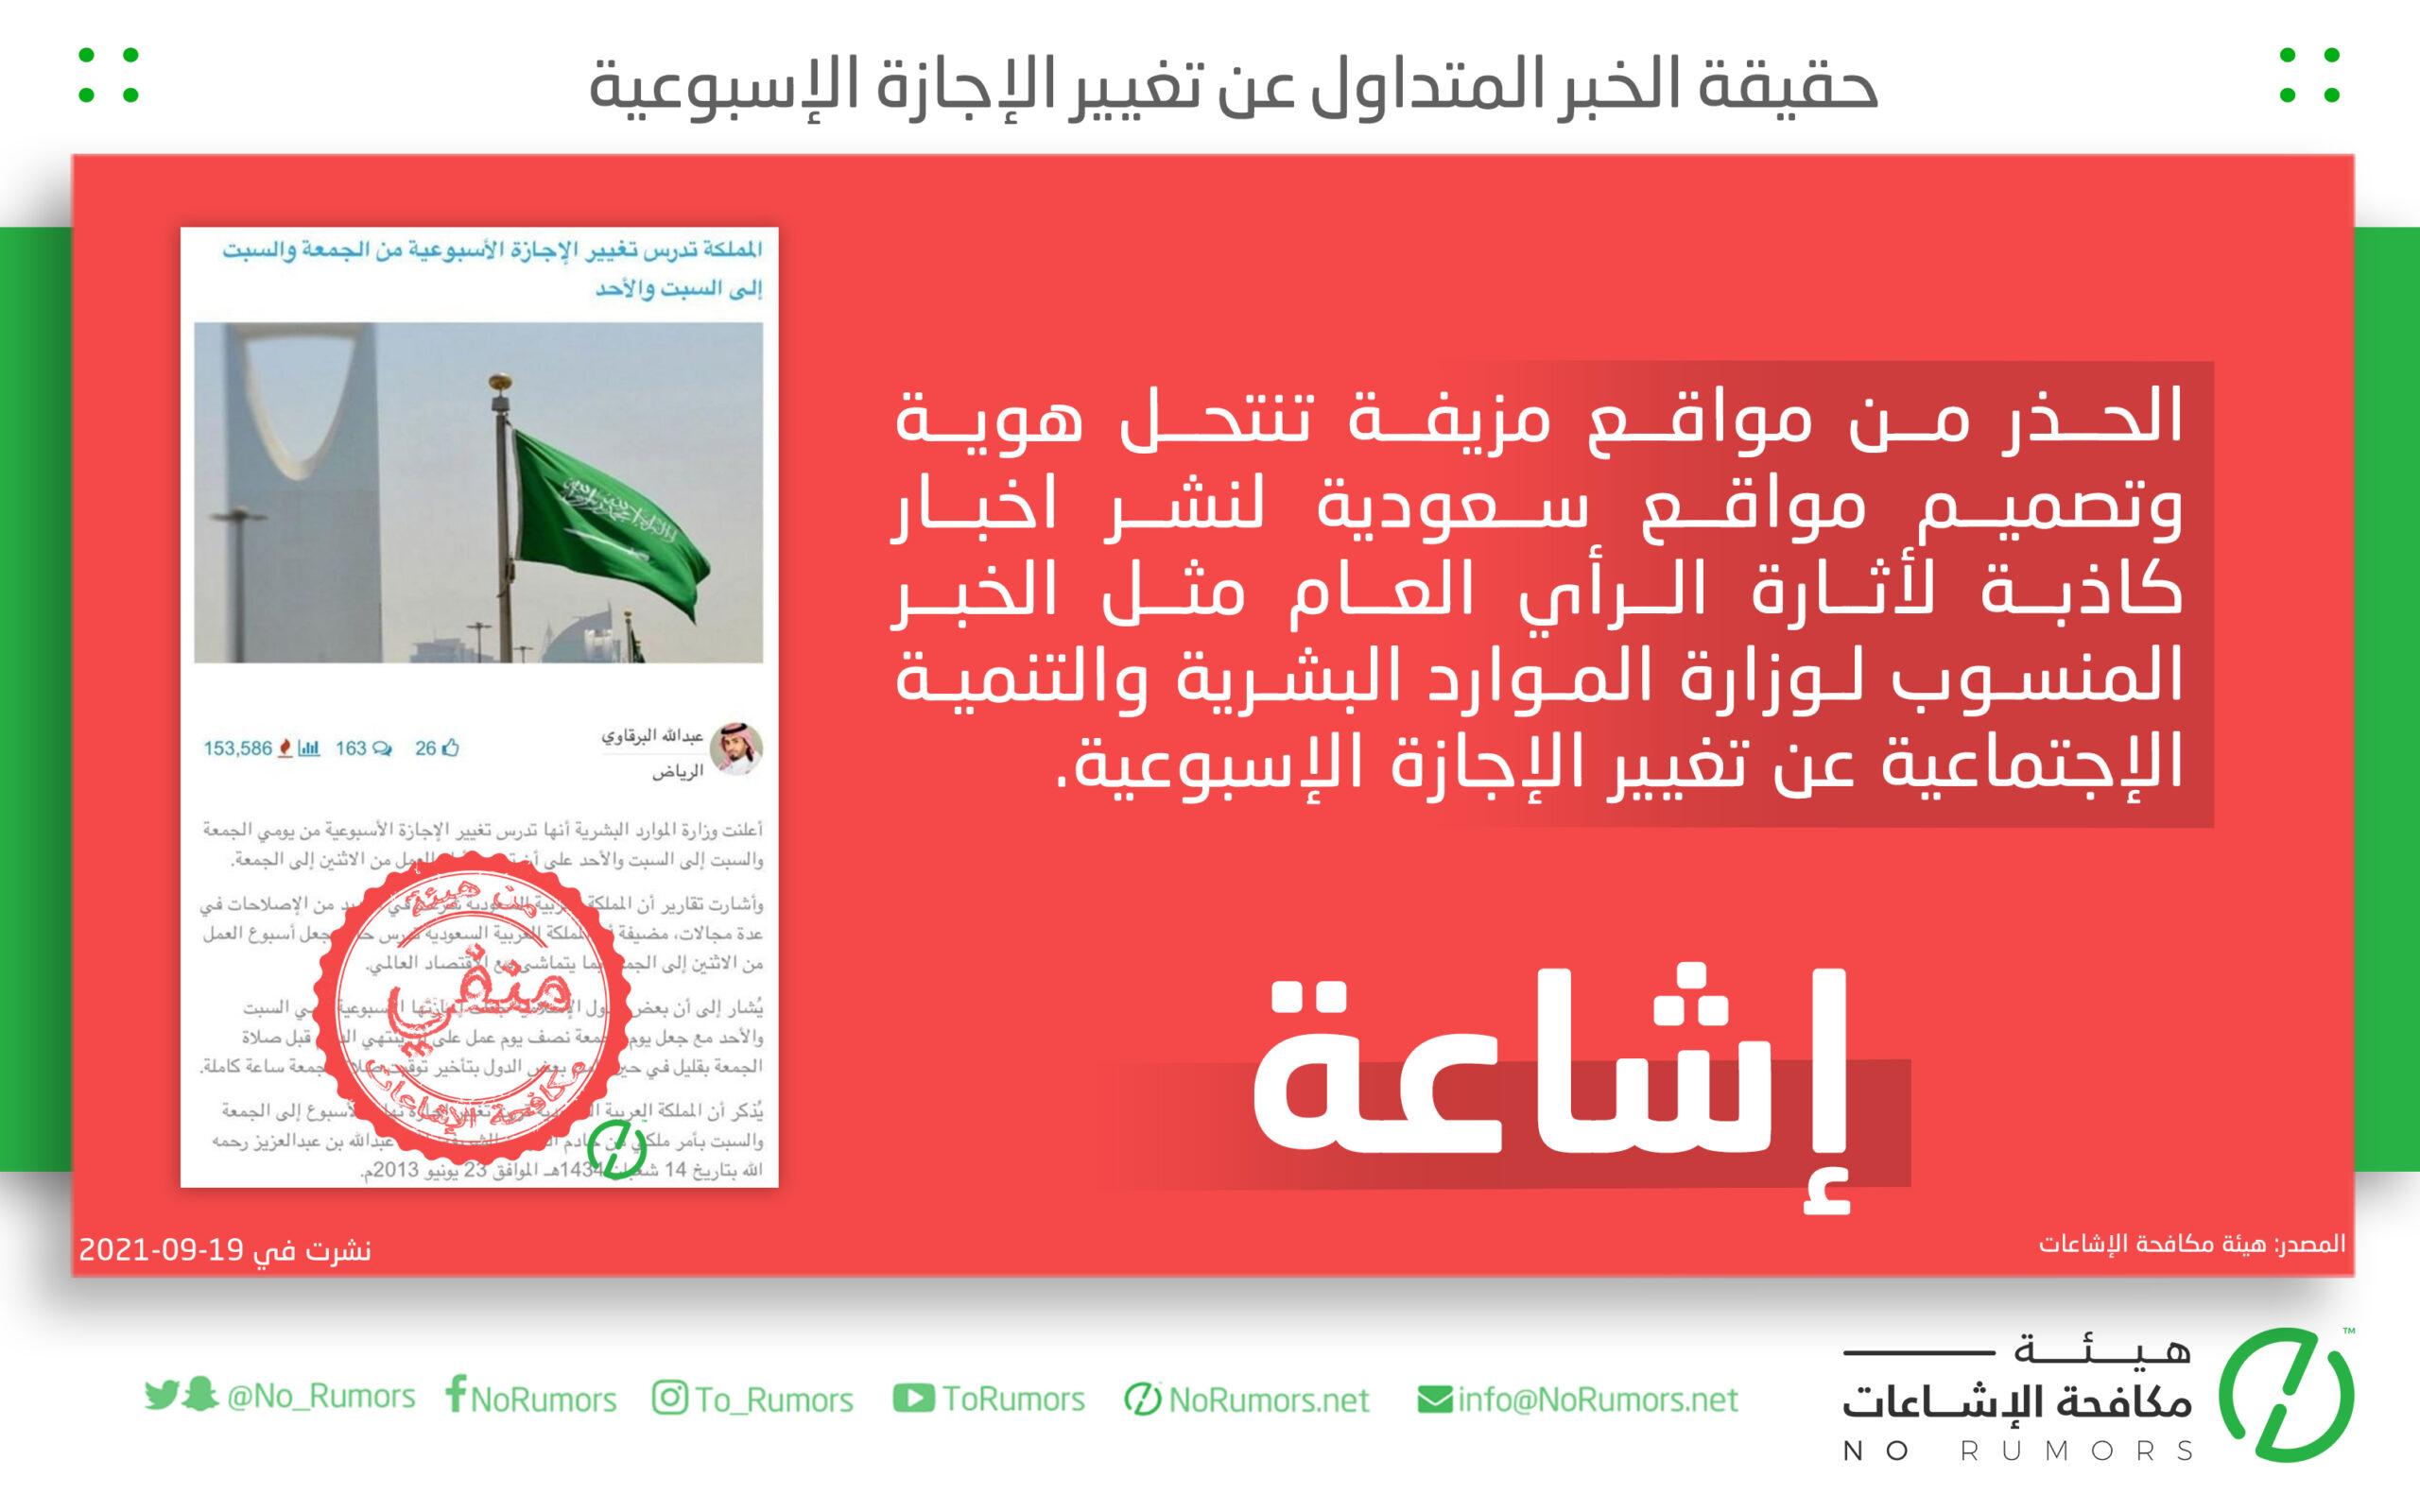 حقيقة مواقع مزيفة تنتحل هوية وتصميم مواقع سعودية لنشر اخبار كاذبة لأثارة الرأي العام